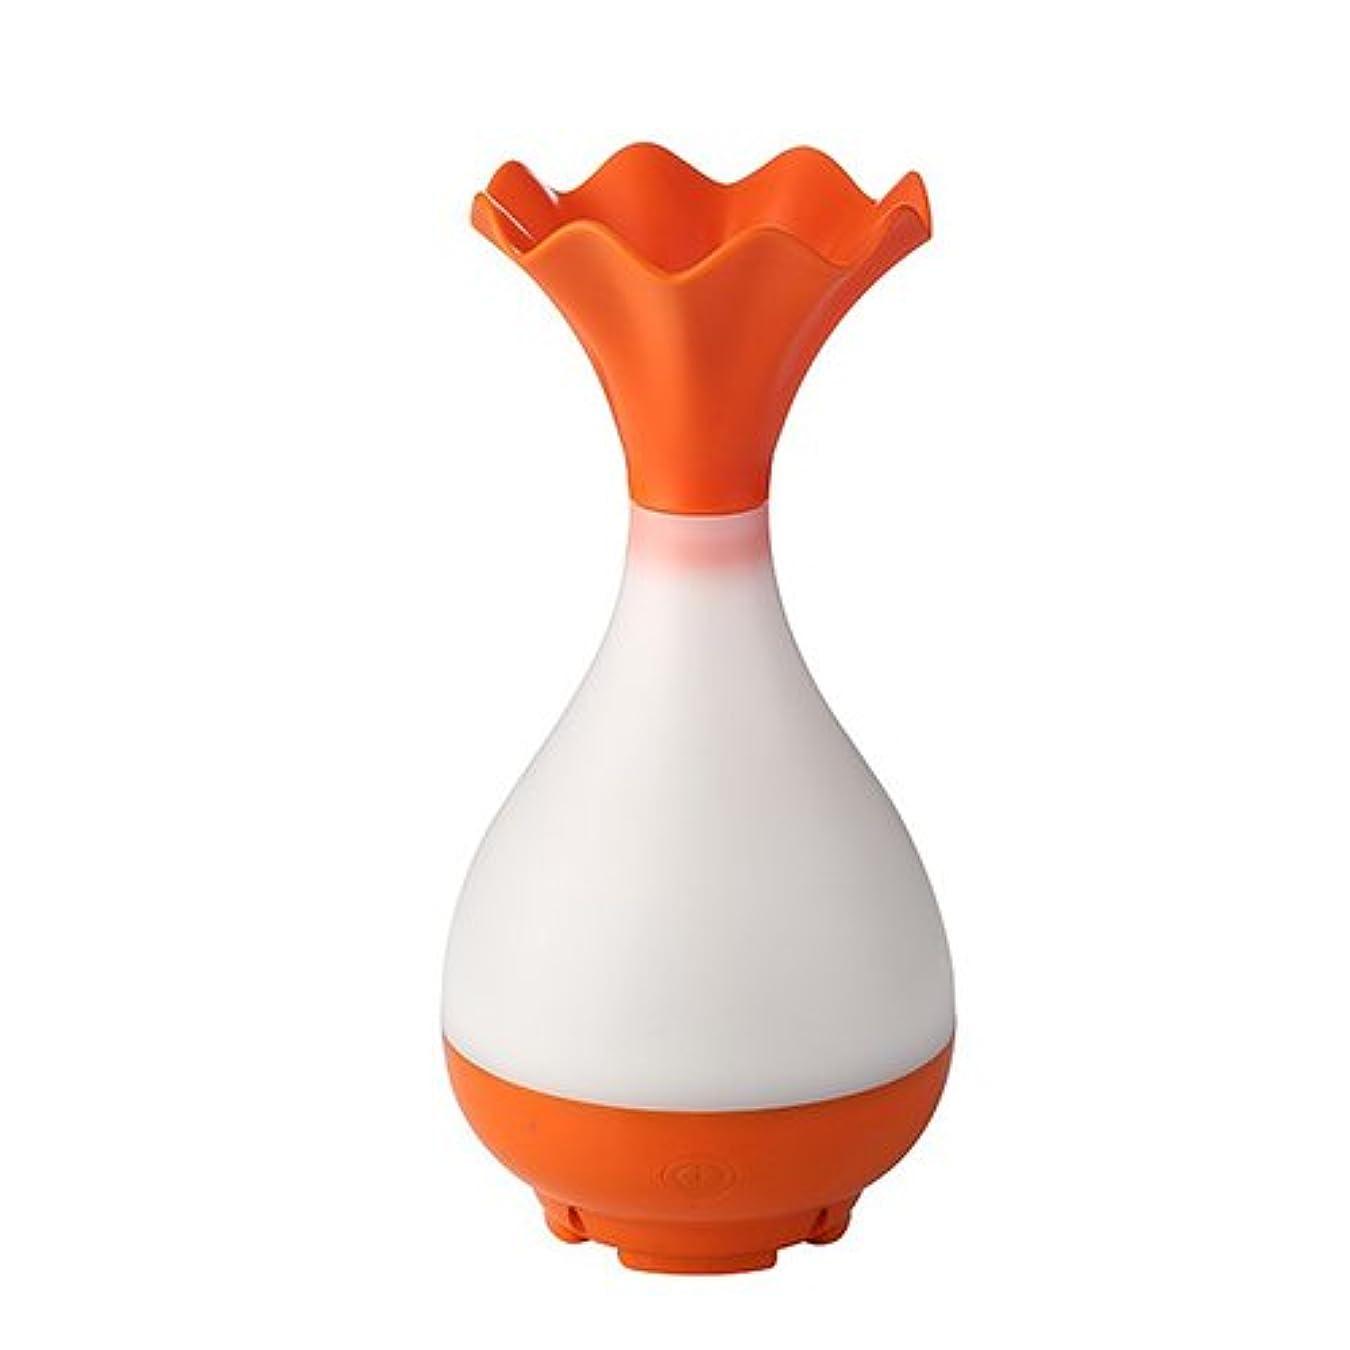 迫害するクレーンミネラルMystic Moments | Orange Vase Bottle USB Aromatherapy Oil Humidifier Diffuser with LED Lighting